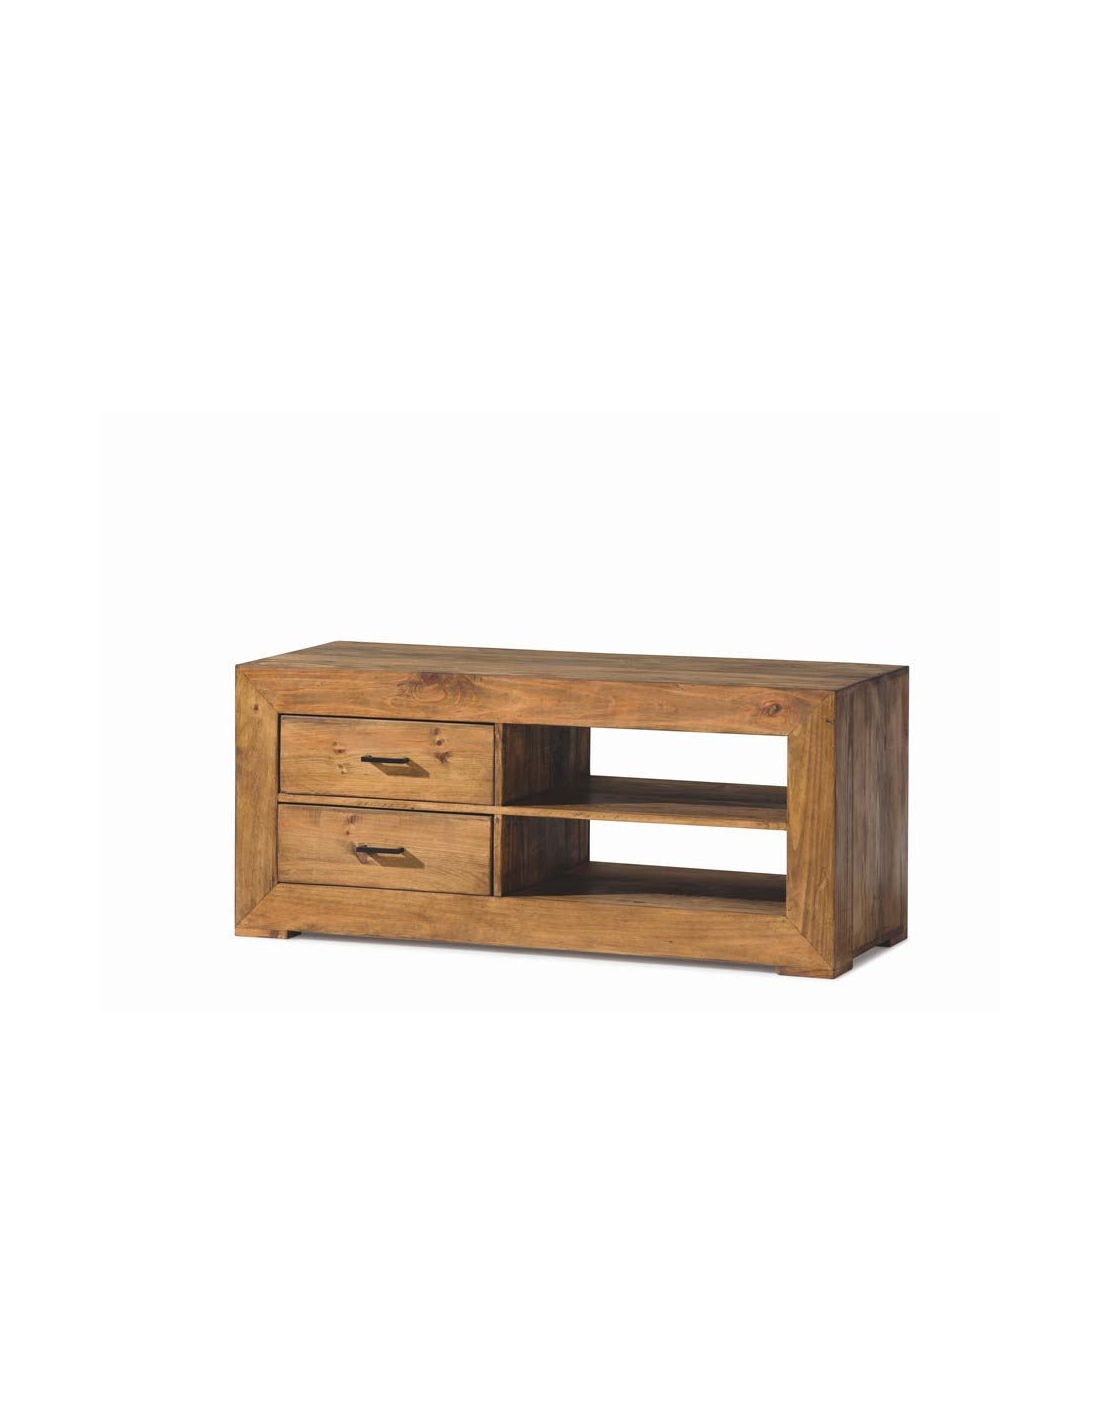 Comprar mueble tv de madera en estilo rustico con dos for Cajones para muebles